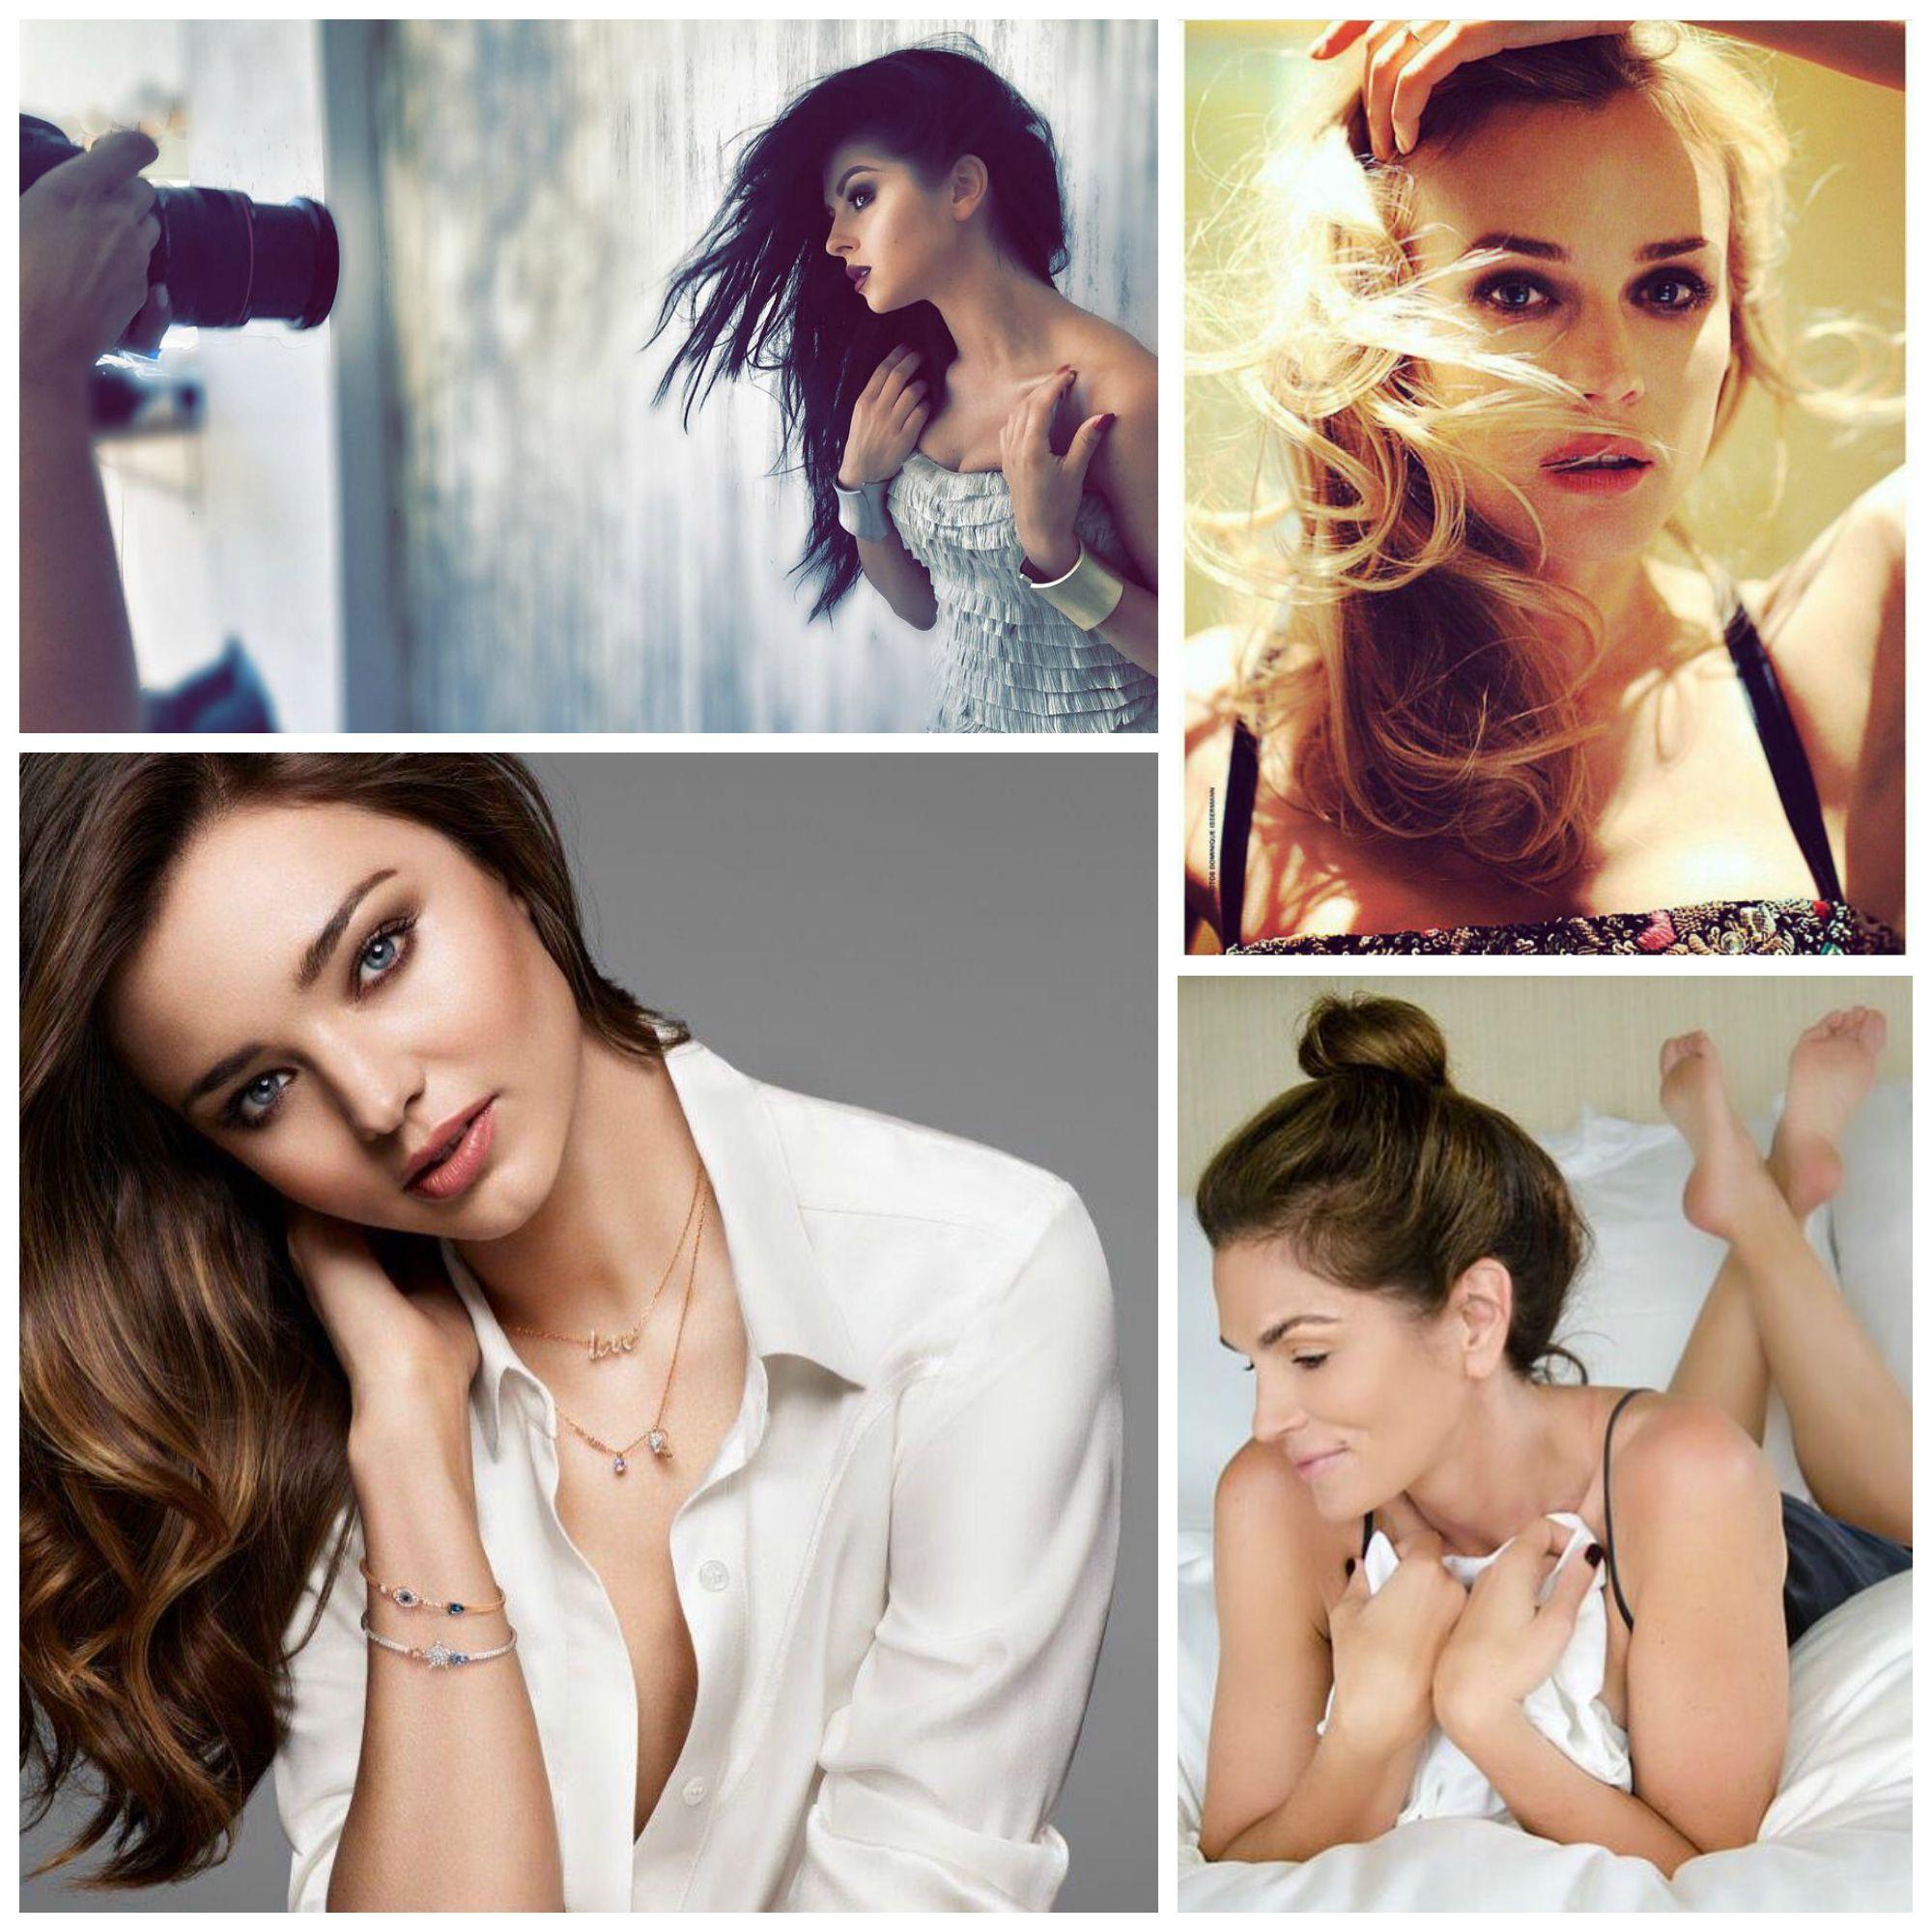 Самые стильные снимки звезд в Instagram